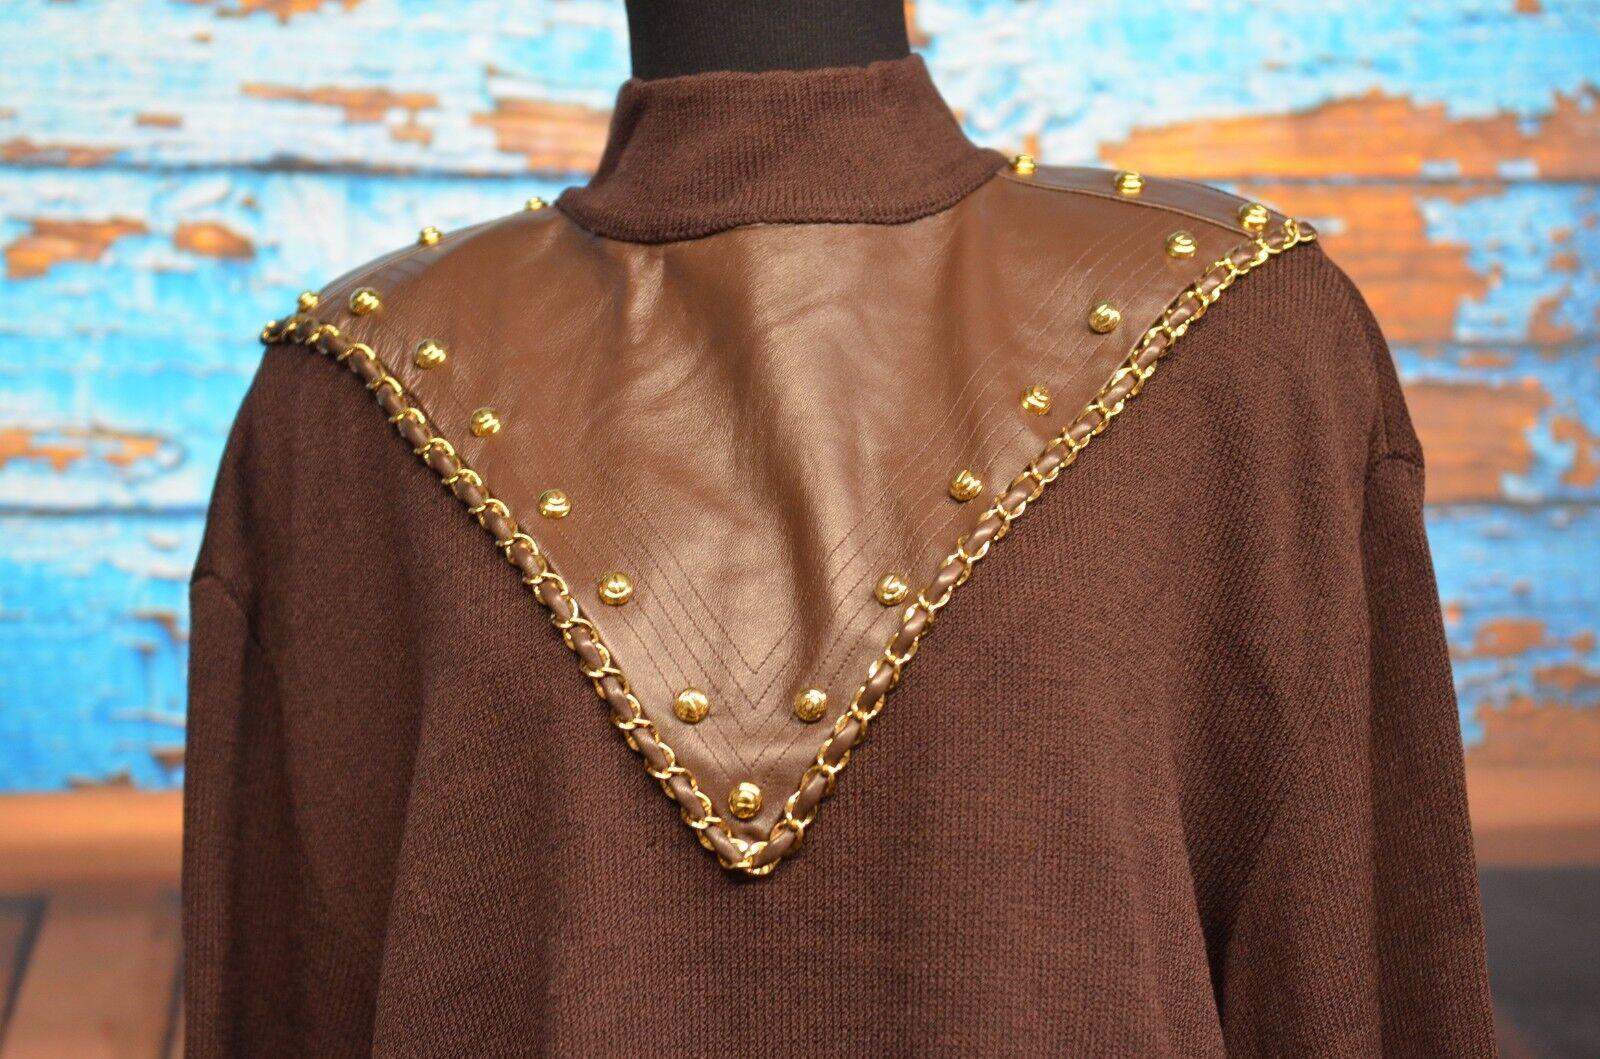 St John talla L marrón  Suéter de punto (detalle de cuero de imitación) oro Metálico Cadena tachuelas  nueva marca